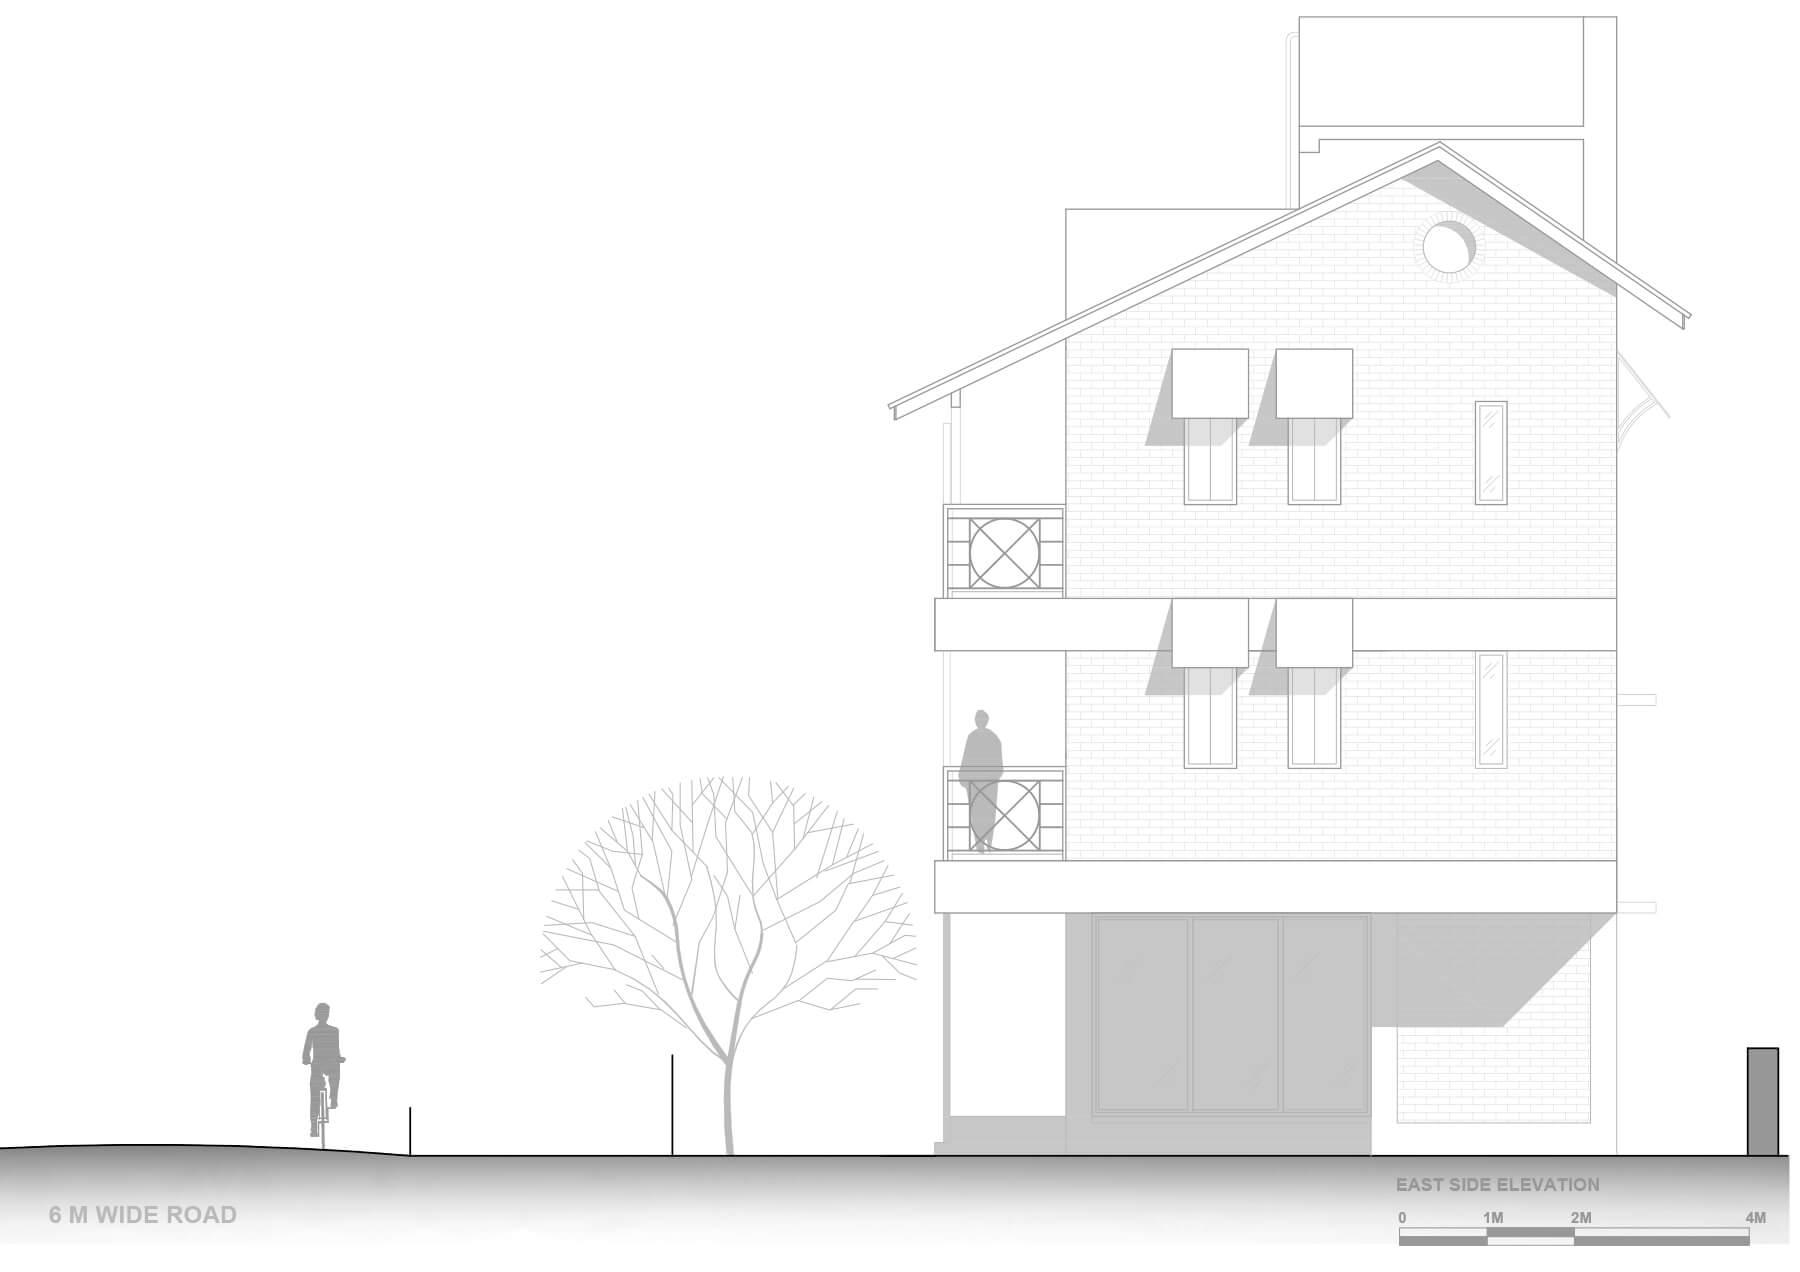 5- East side elevation